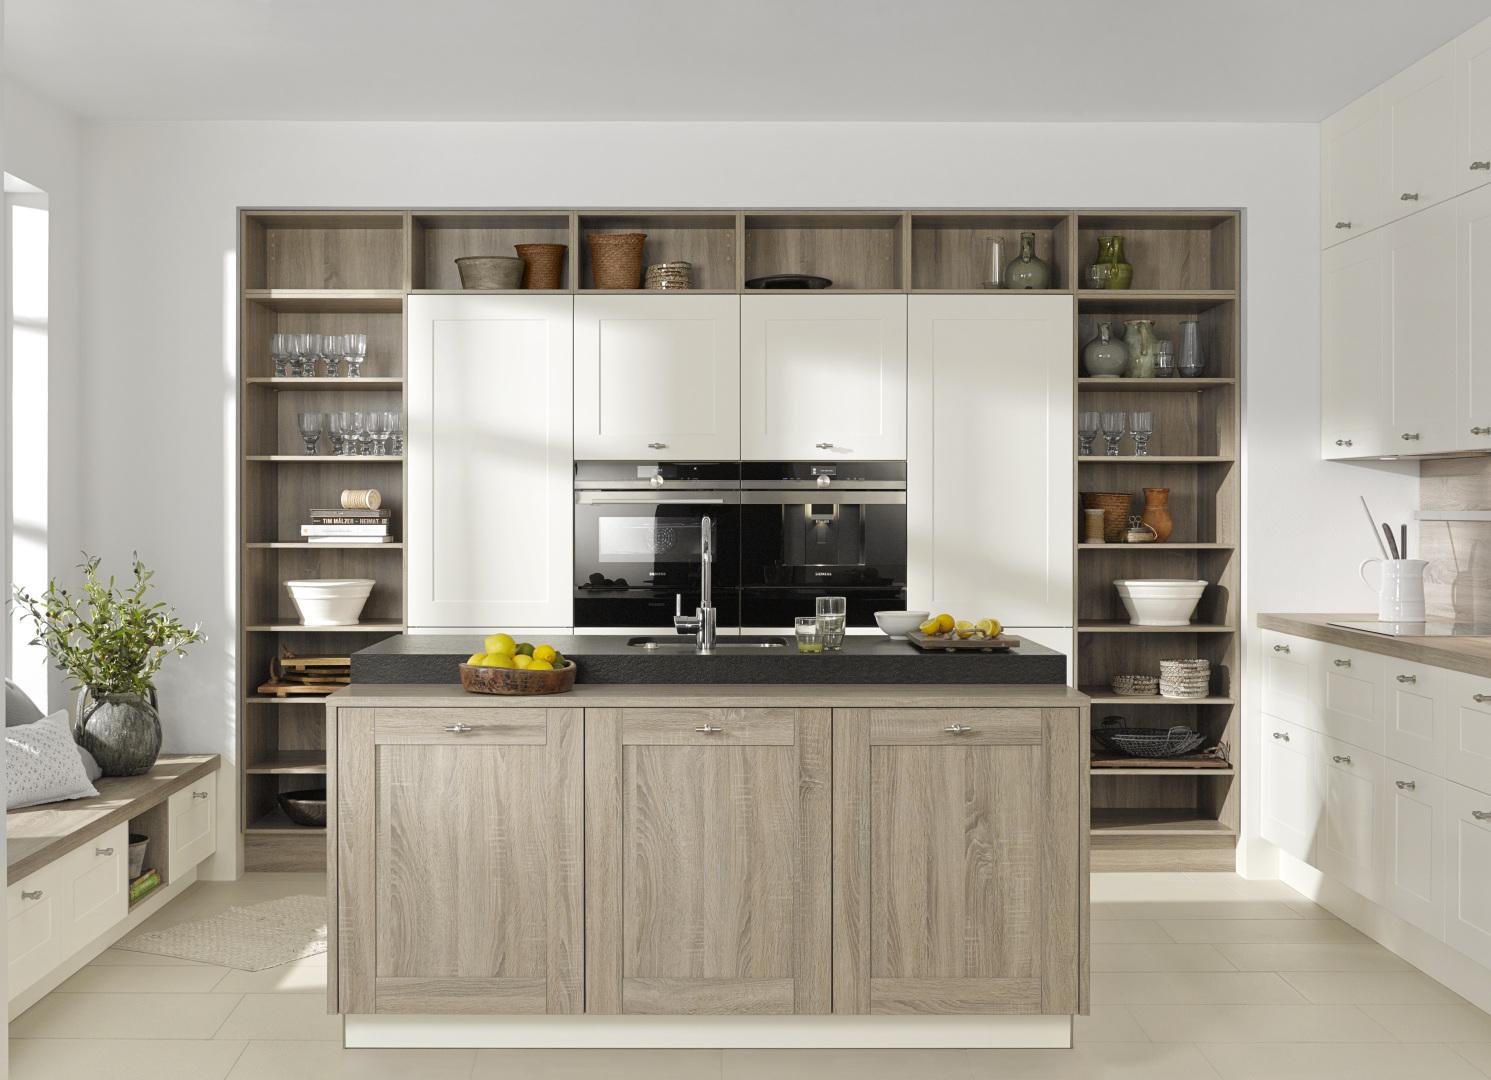 Küchen günstig pictures free download